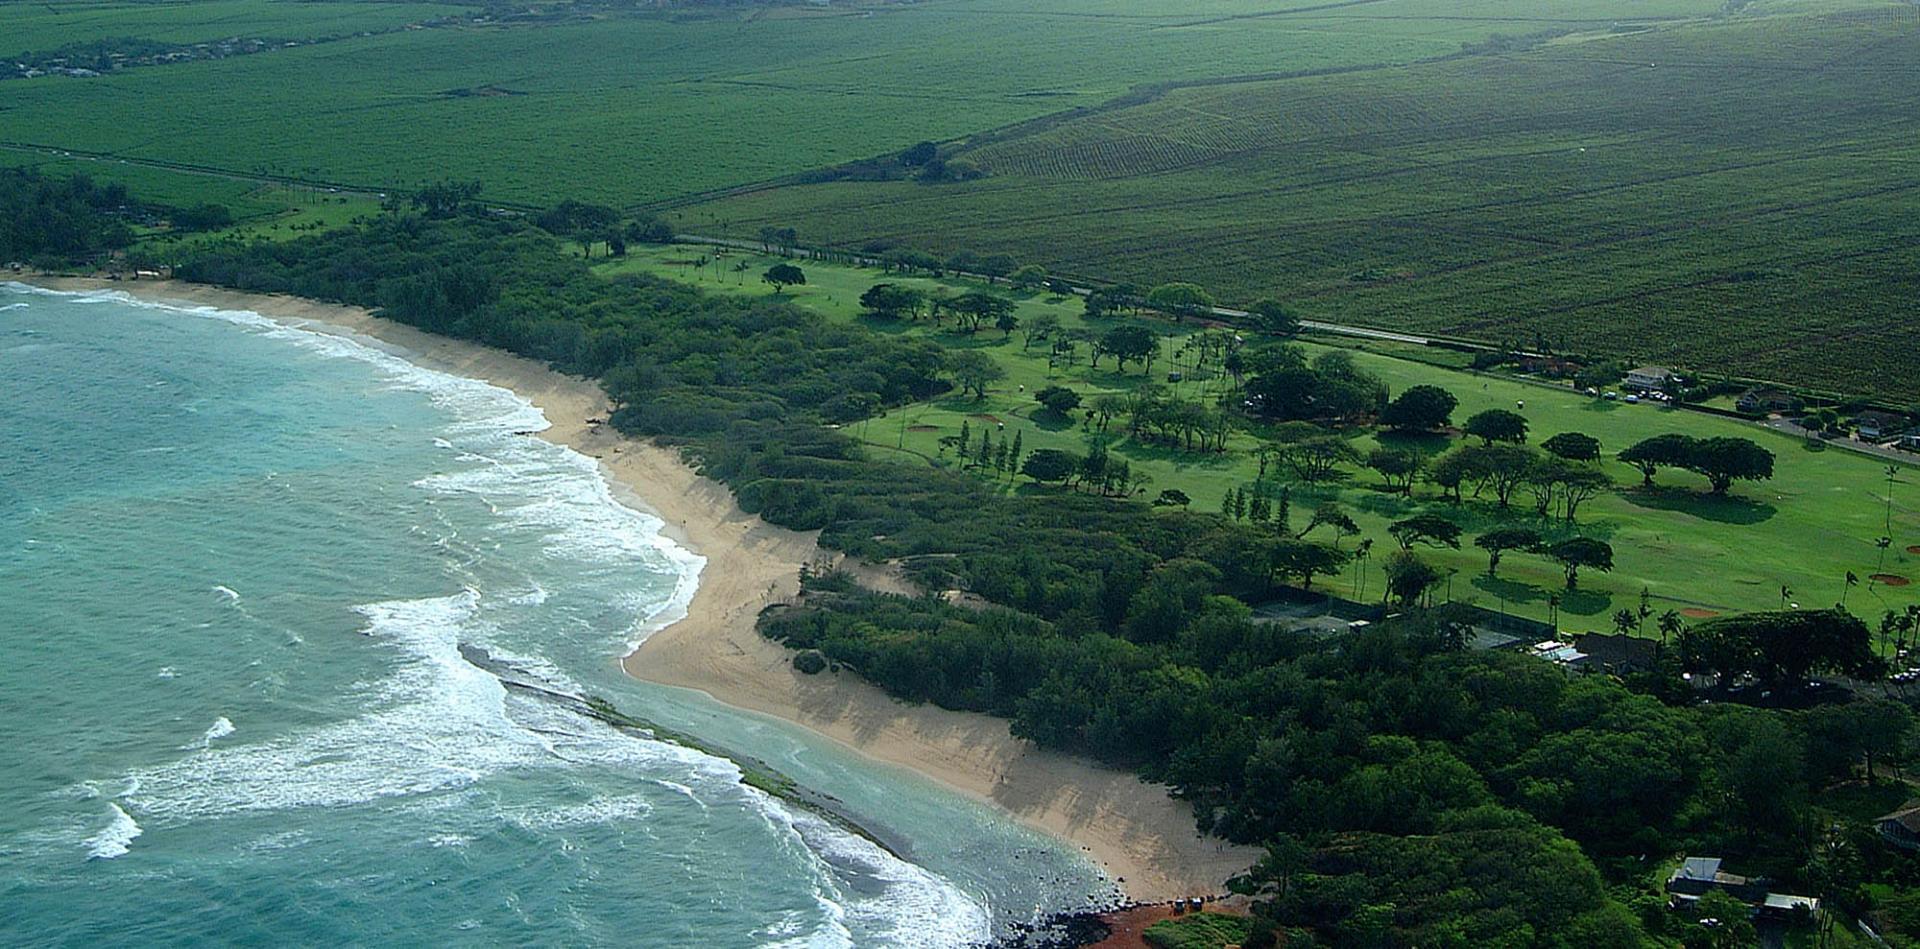 baldwin maui hawaii beaches